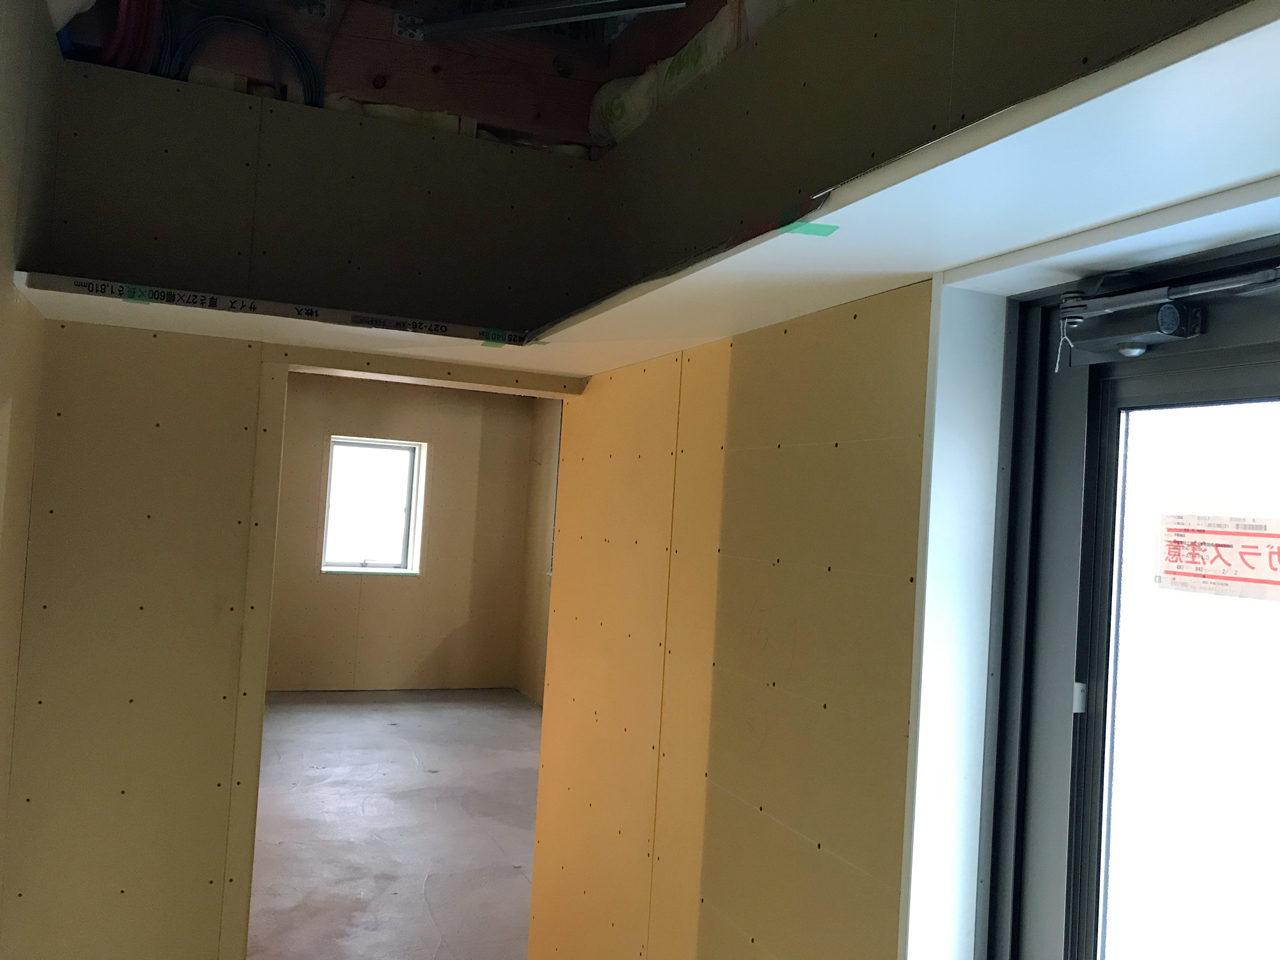 店舗(鍼灸接骨院)付き住宅の更衣室、バックヤードの収納棚